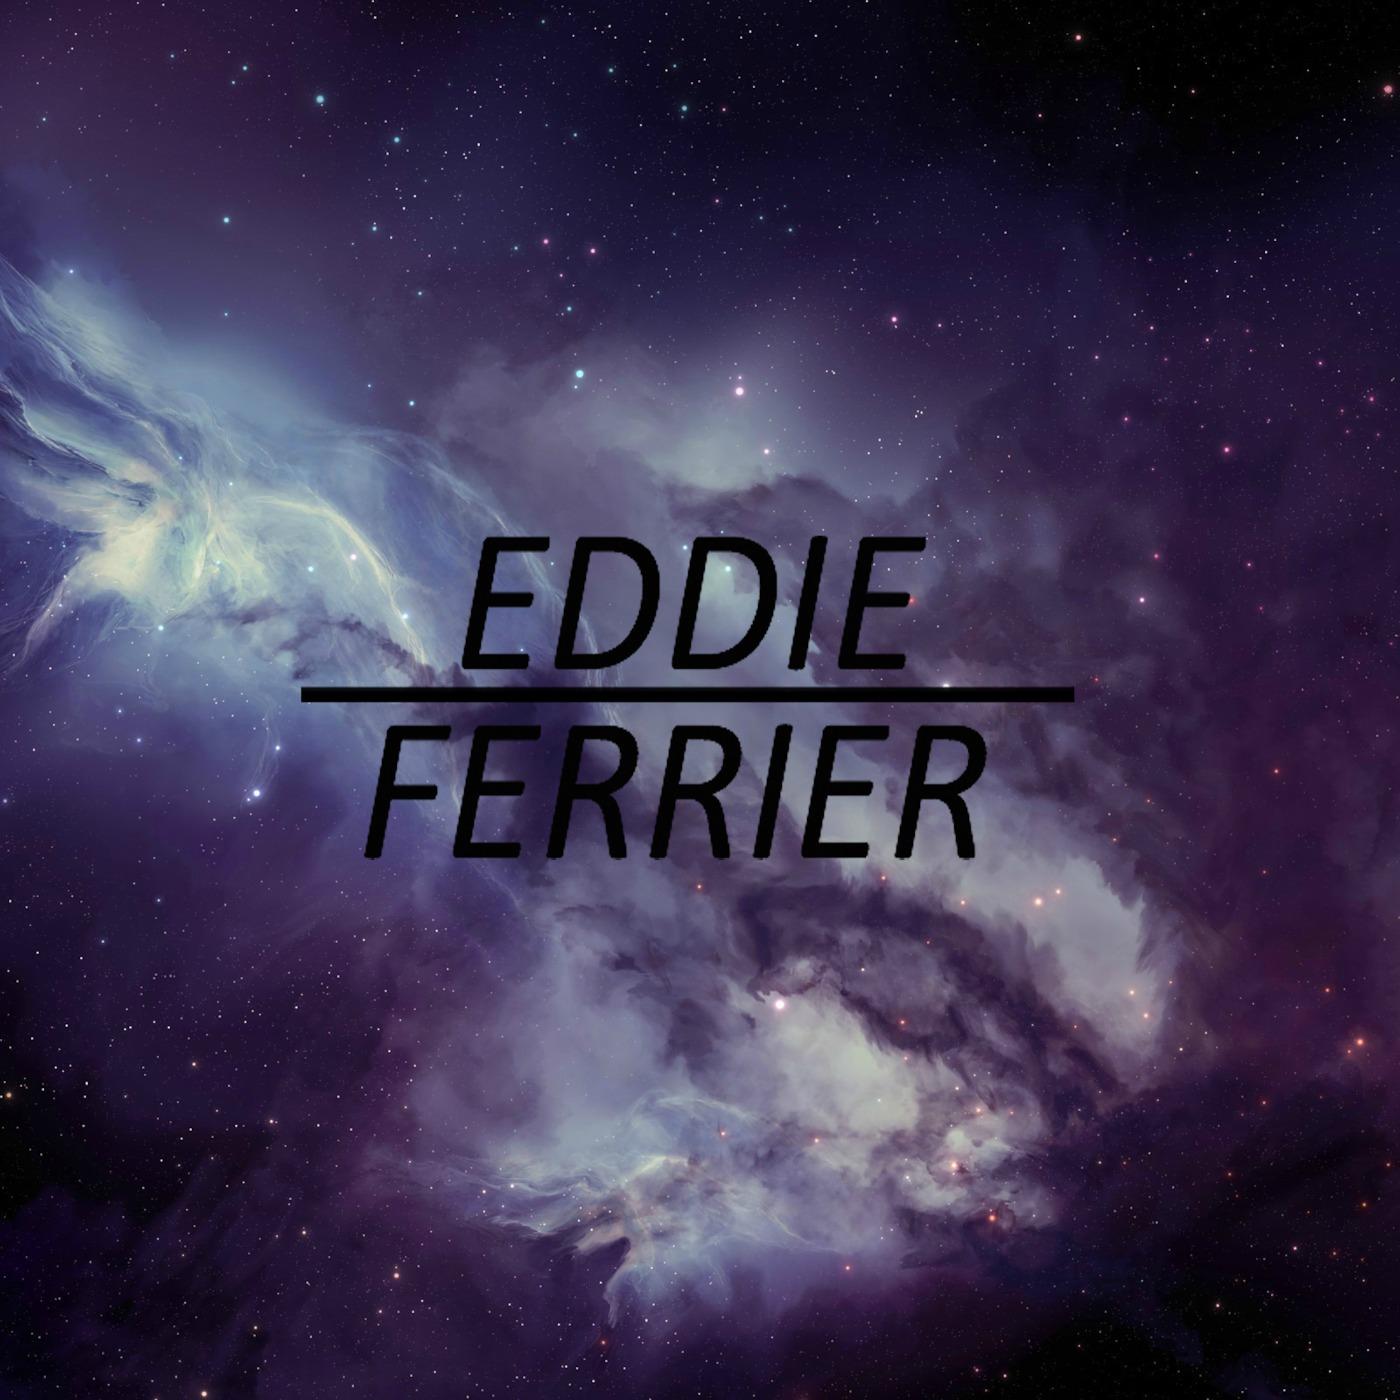 DJ EDDIE FERRIER